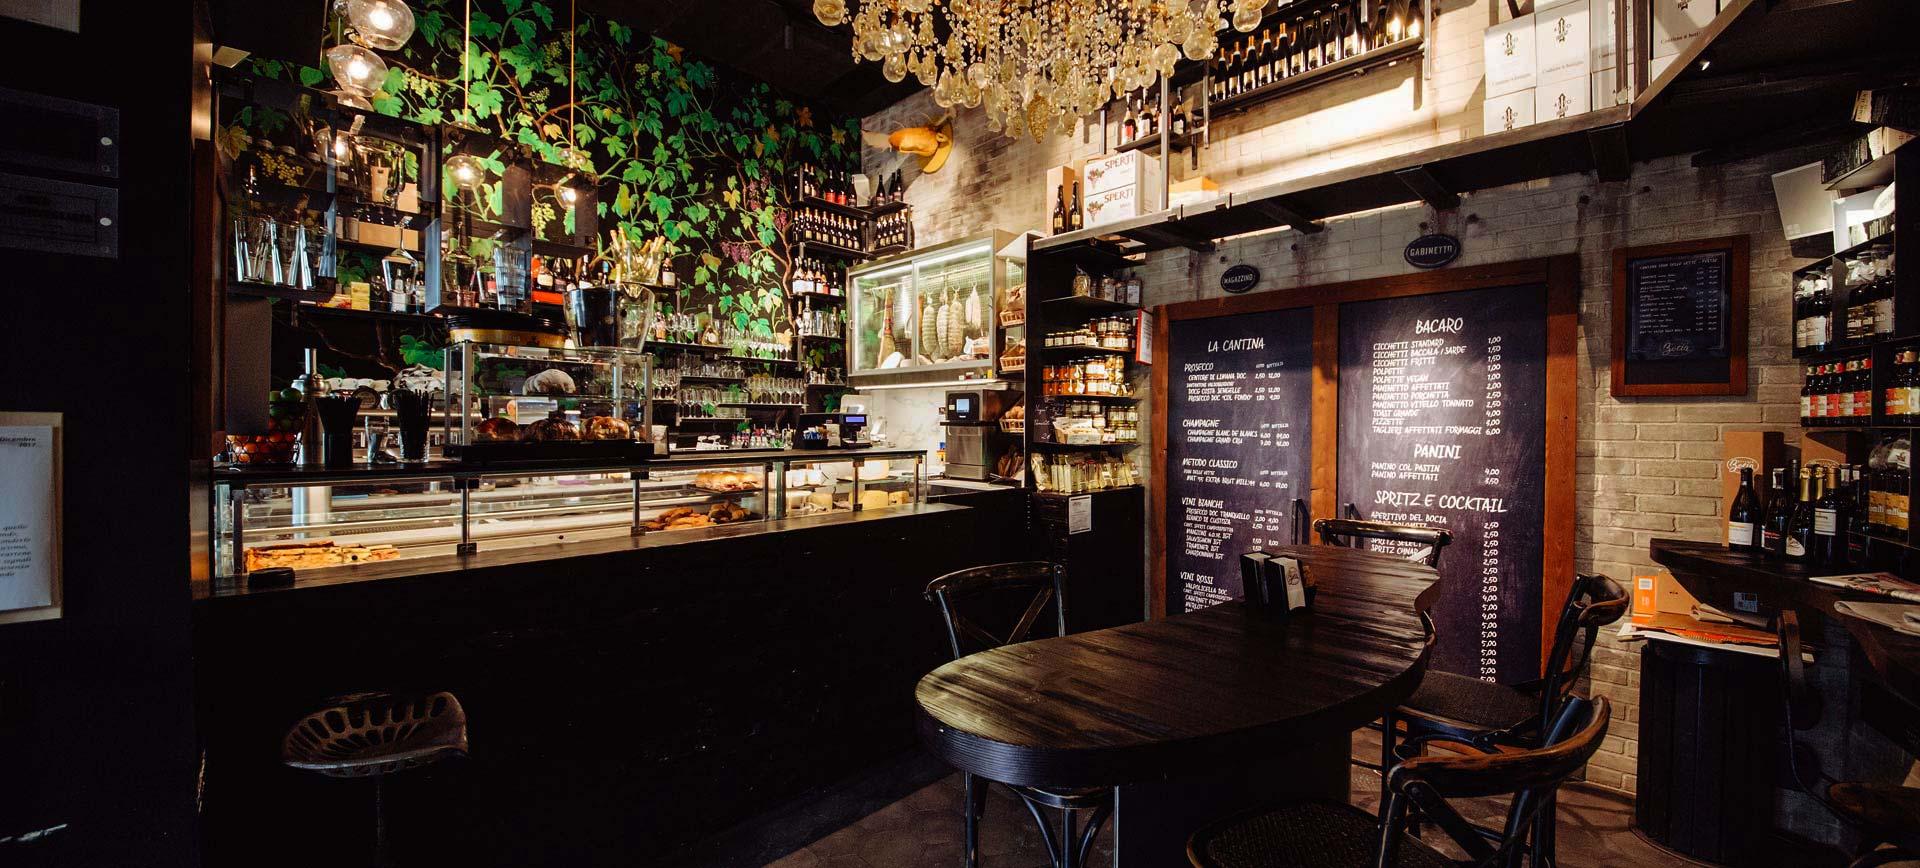 Realizzazione bar e ristoranti Bortoluzzi Arredamenti